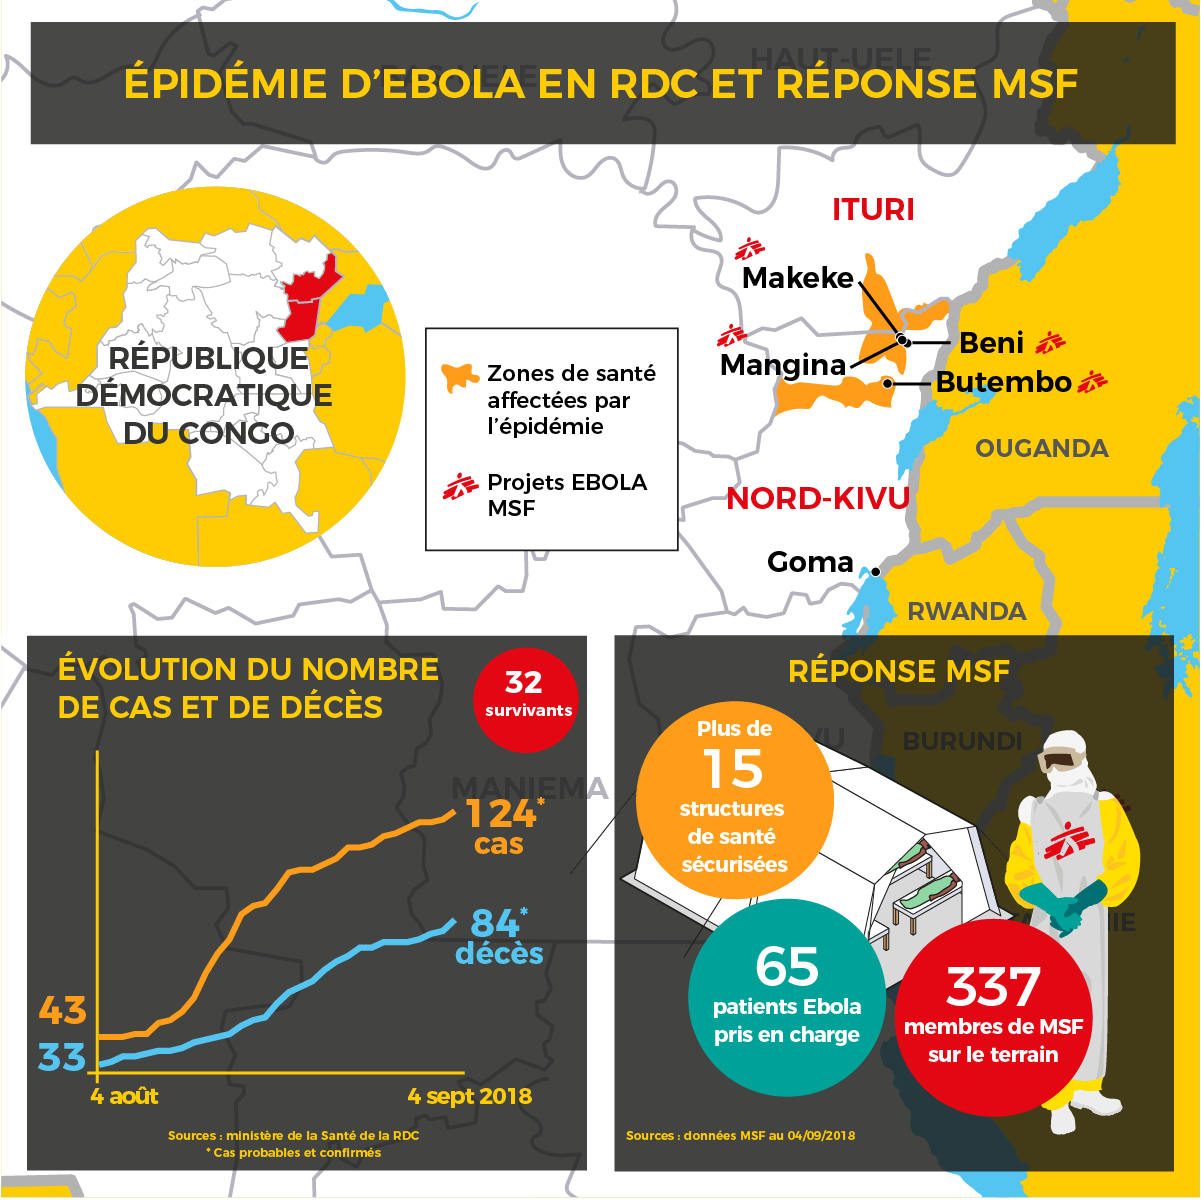 Ebola en RDC, un mois après le début de l'épidémie